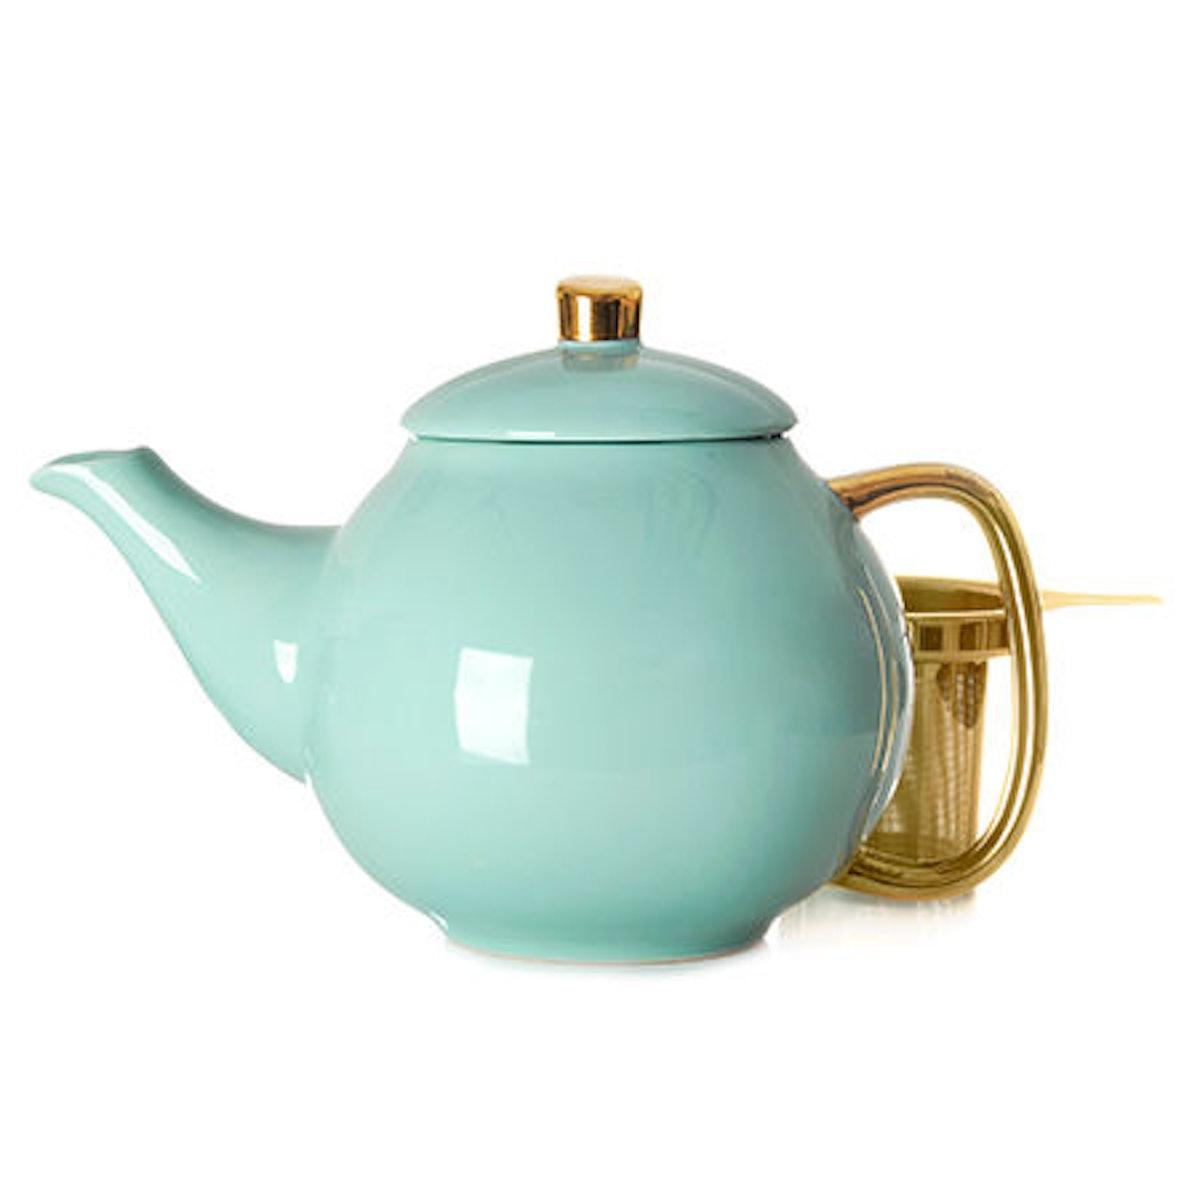 DAVIDsTEA Jolly Teapot